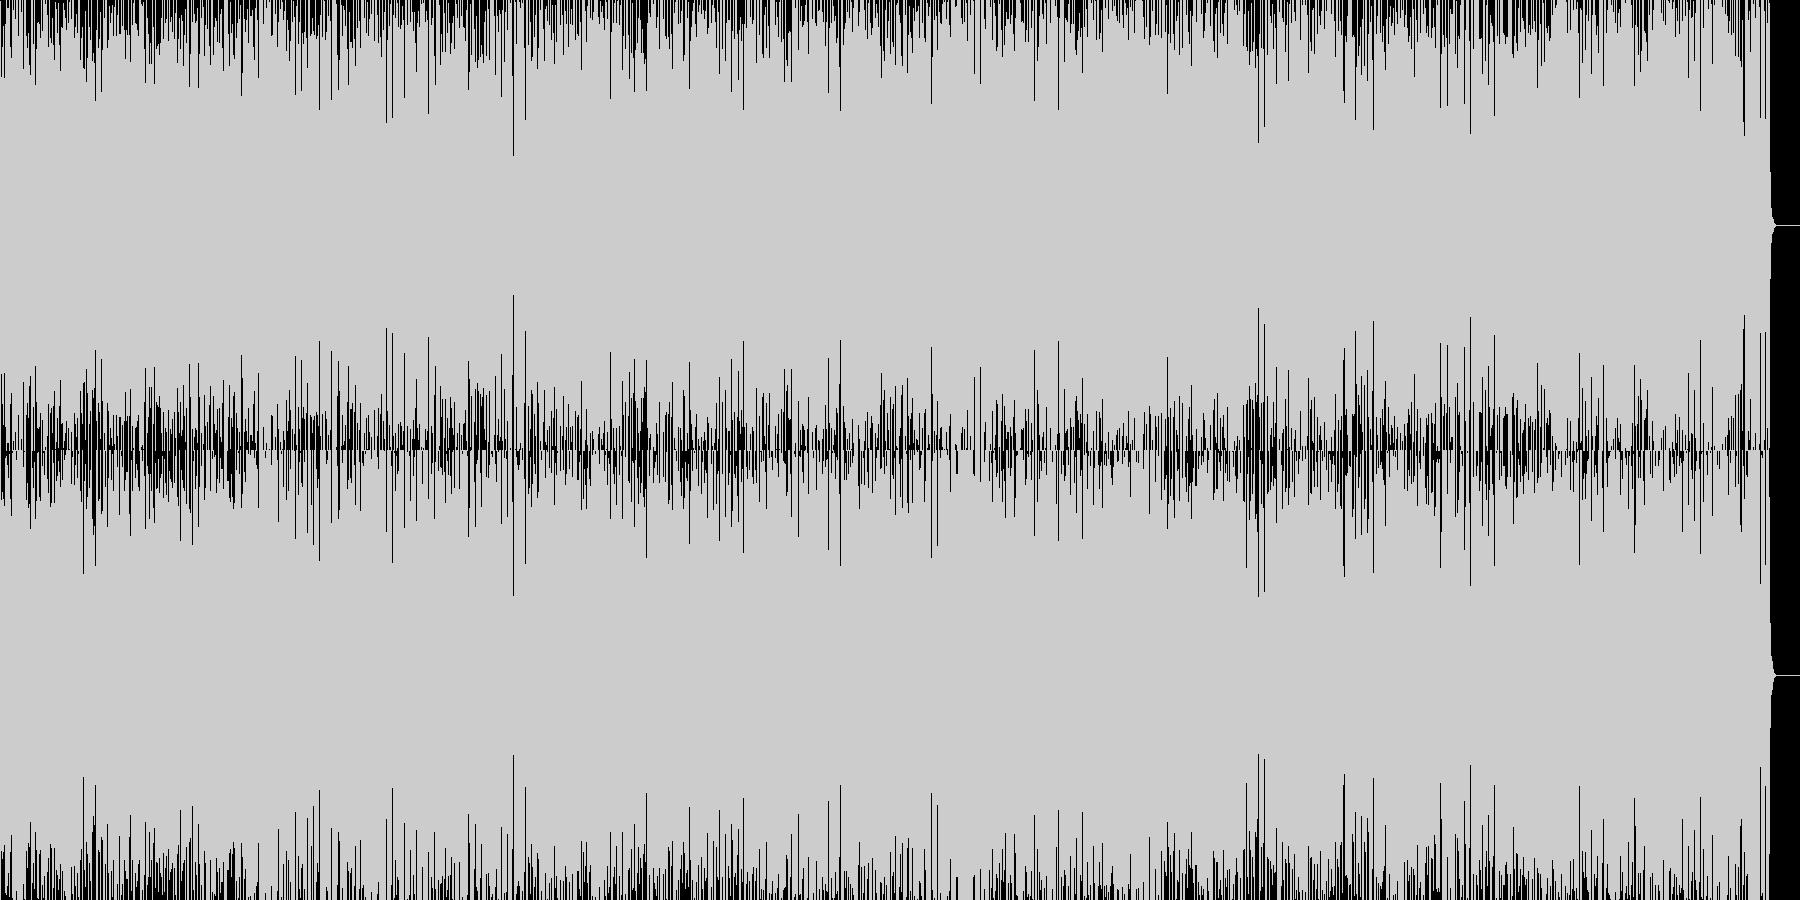 軽快 店内 新鮮 都会 木漏れ日の未再生の波形